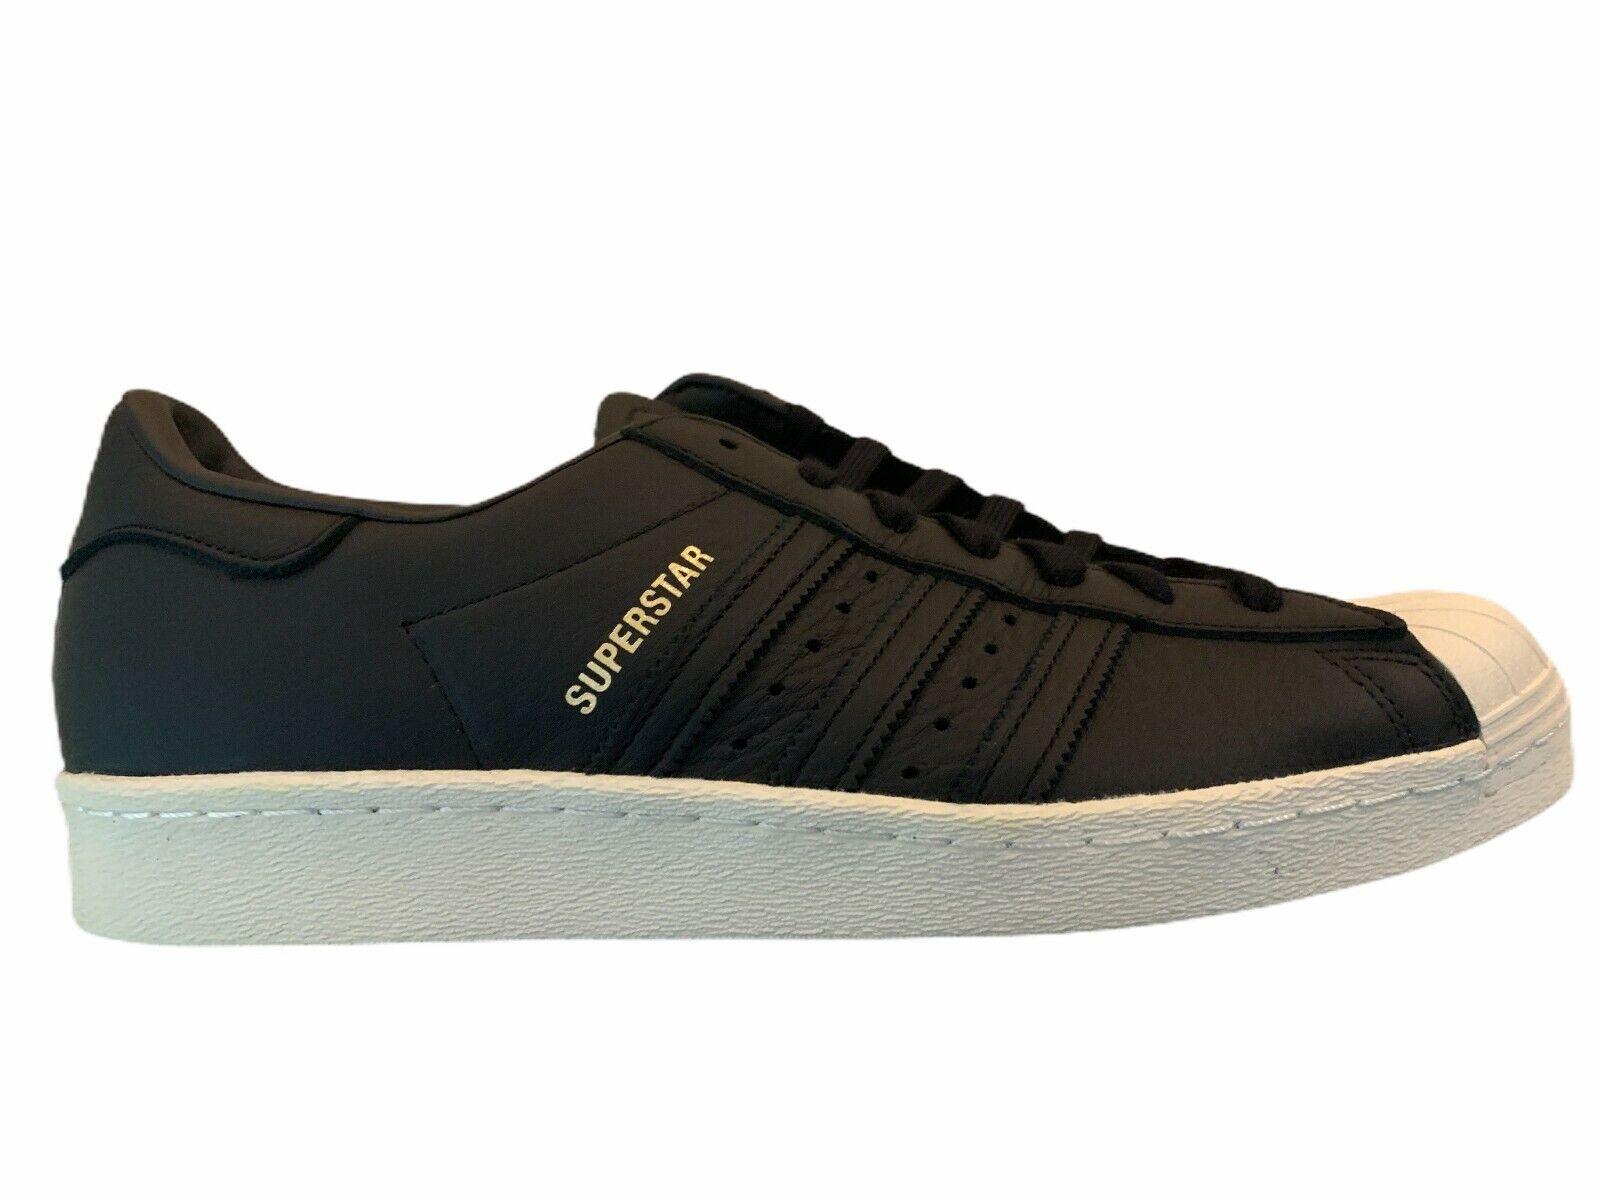 Adidas Superstar 80s Shoes Retro Oddity